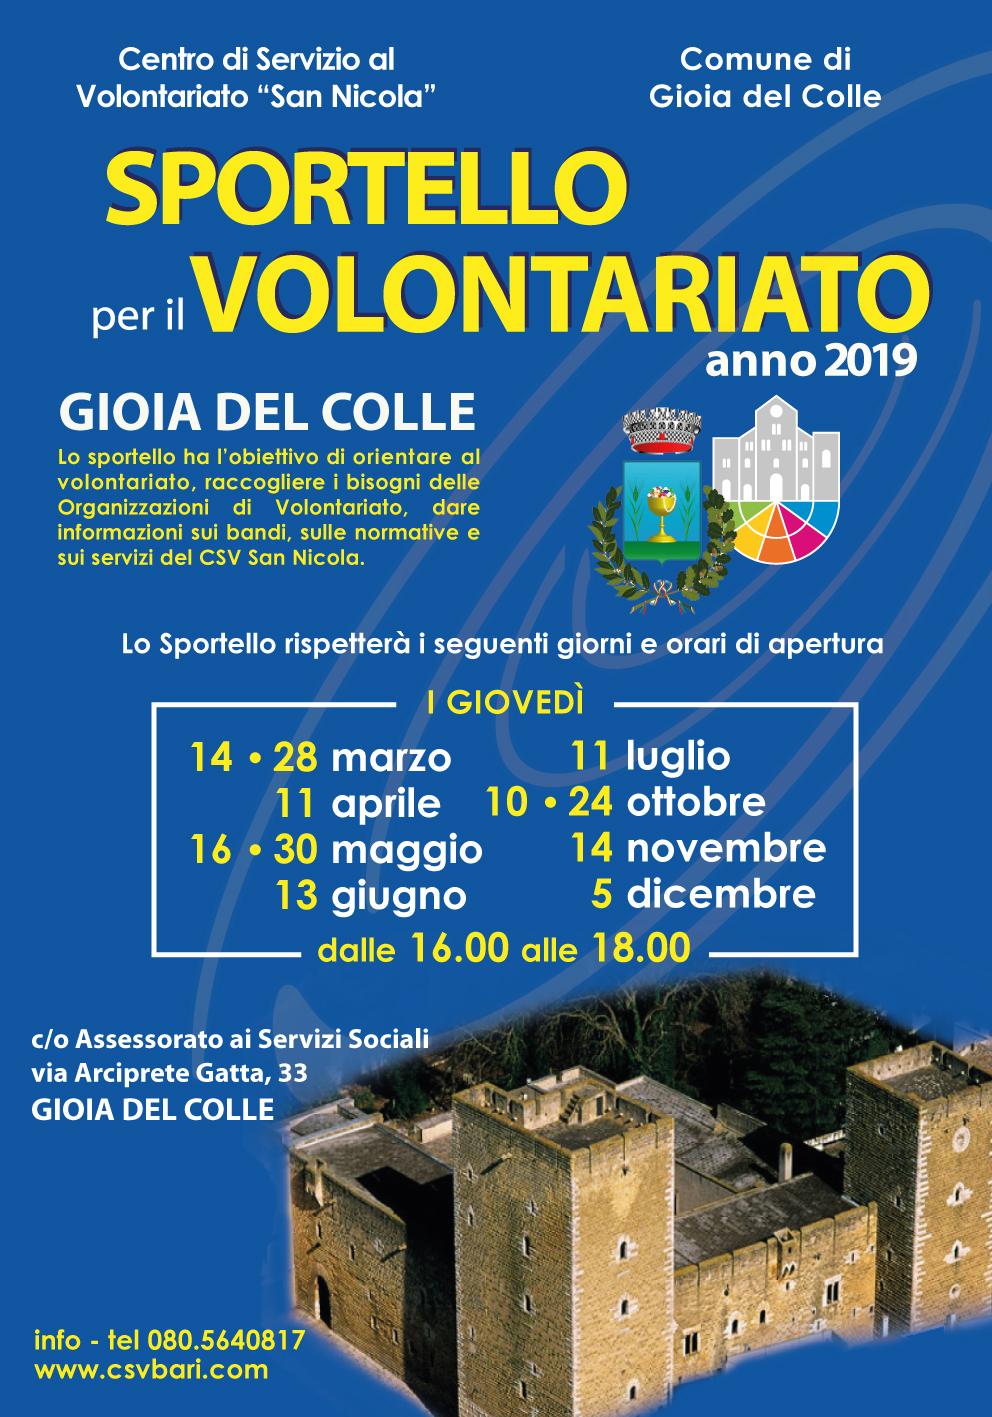 locandina Sportello per il Volontariato Gioia del Colle 2019 - CSV San Nicola